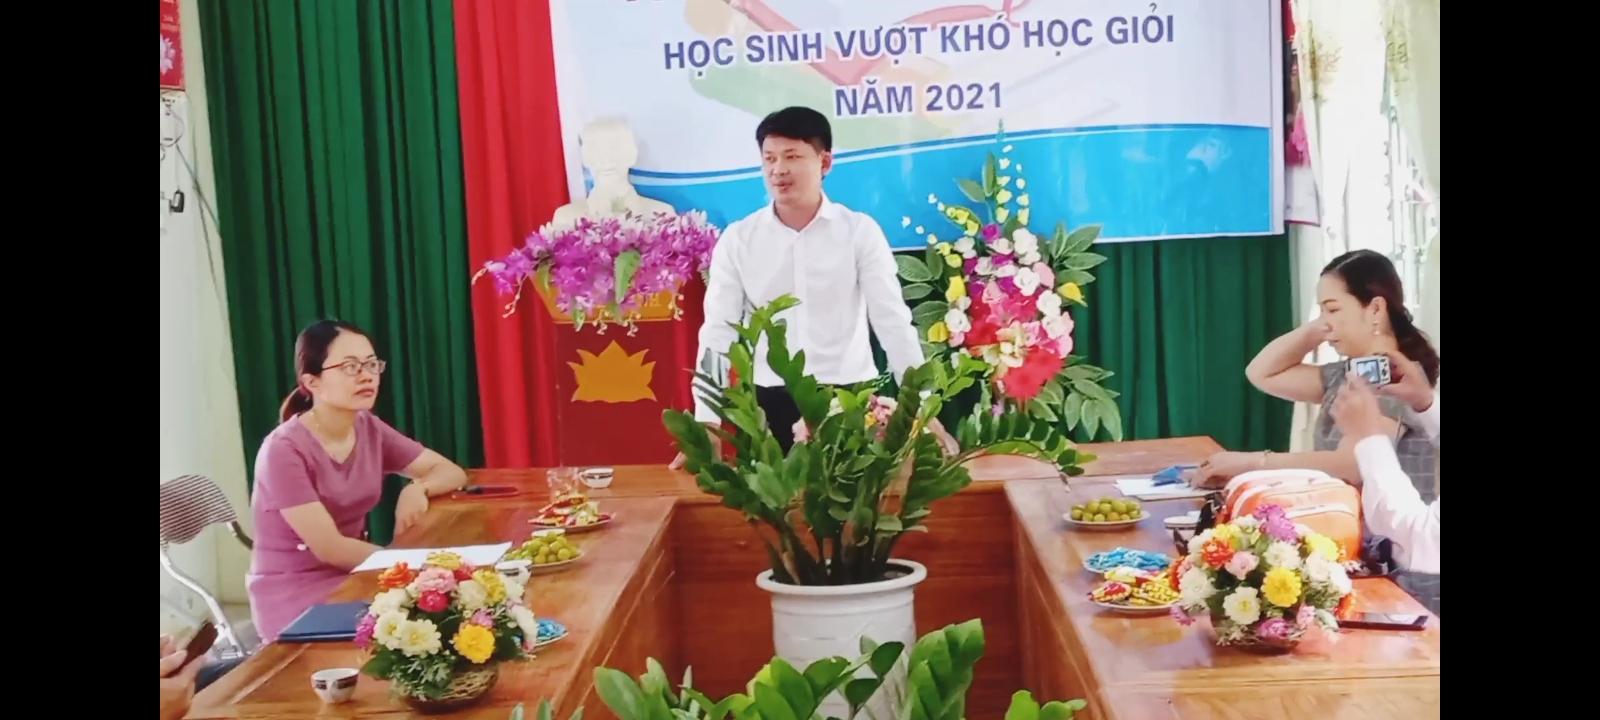 Liên hiệp Trí tuệ Việt Nam tuyên dương học sinh vượt khó học giỏi khu vực có điều kiện kinh tế khó khăn.